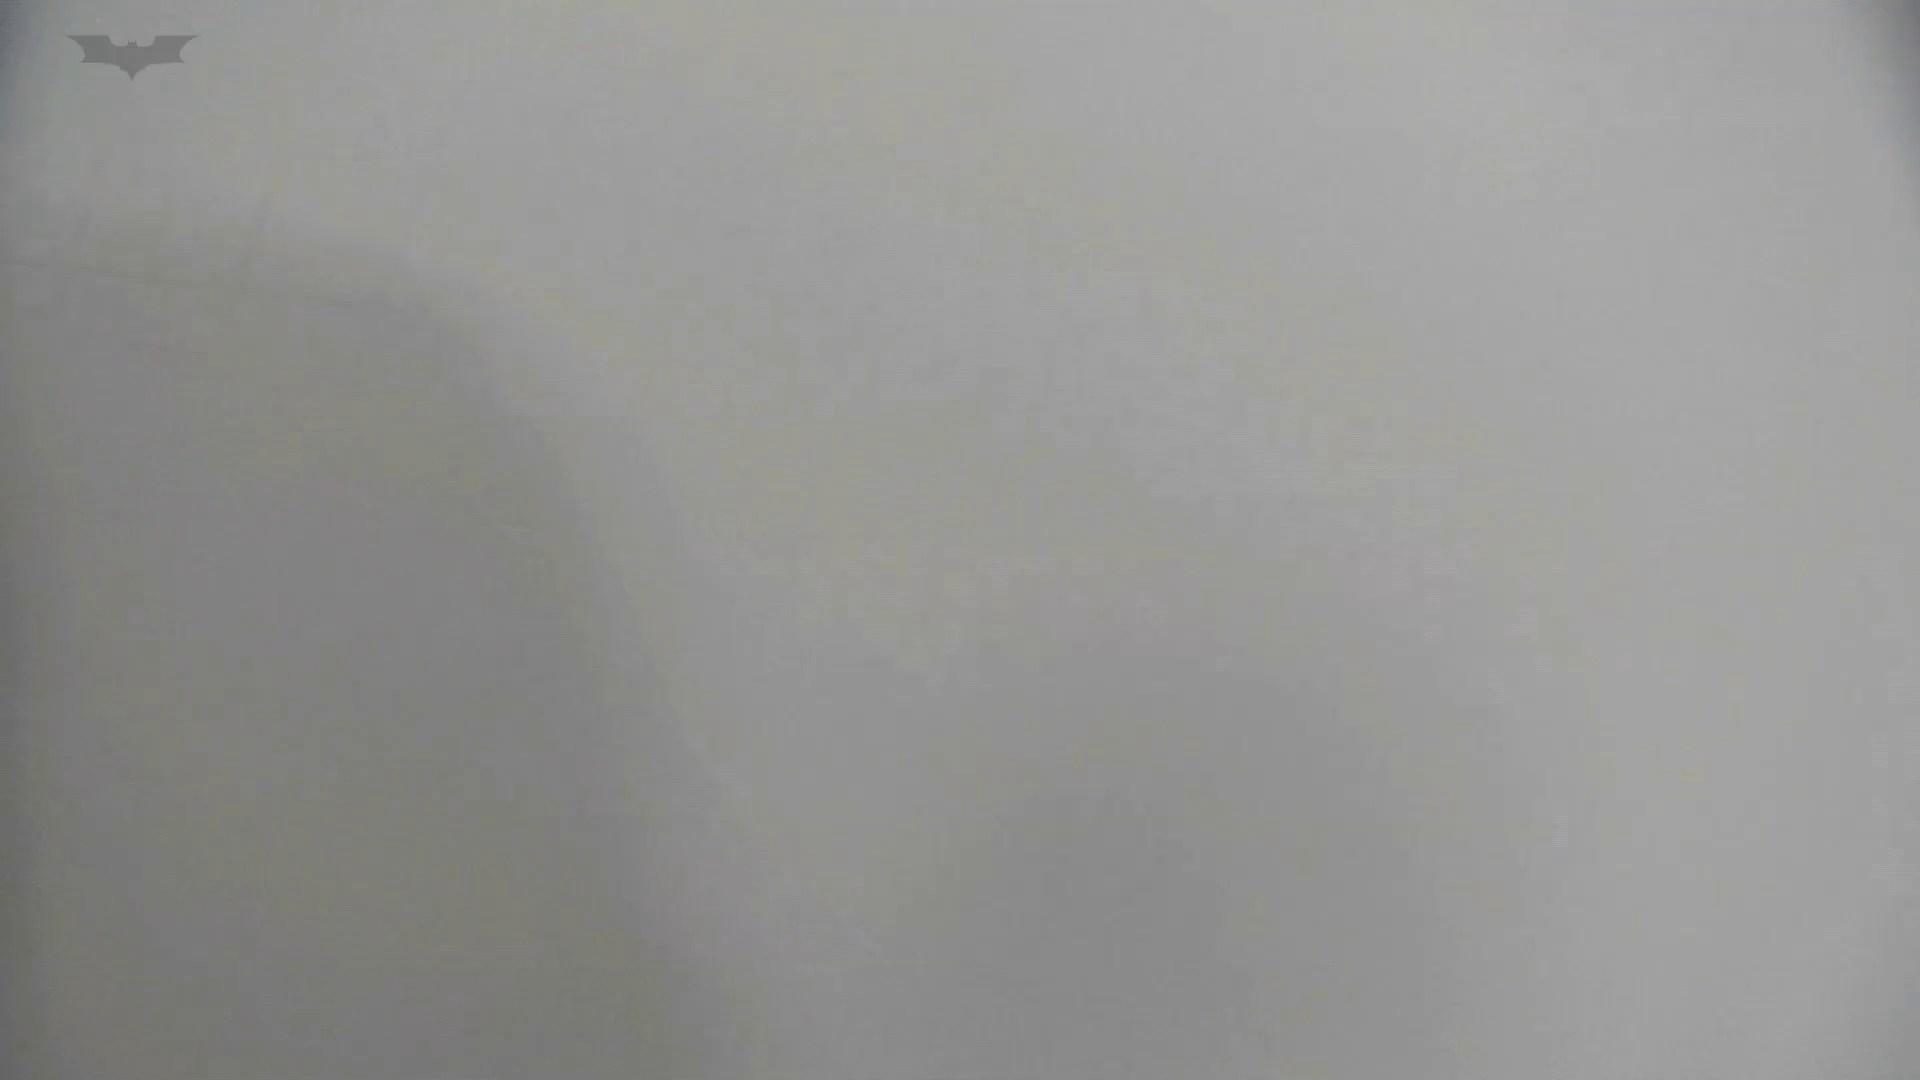 美しい日本の未来 No.29 豹柄サンダルは便秘気味??? 盗撮 | ギャルの実態  57pic 10